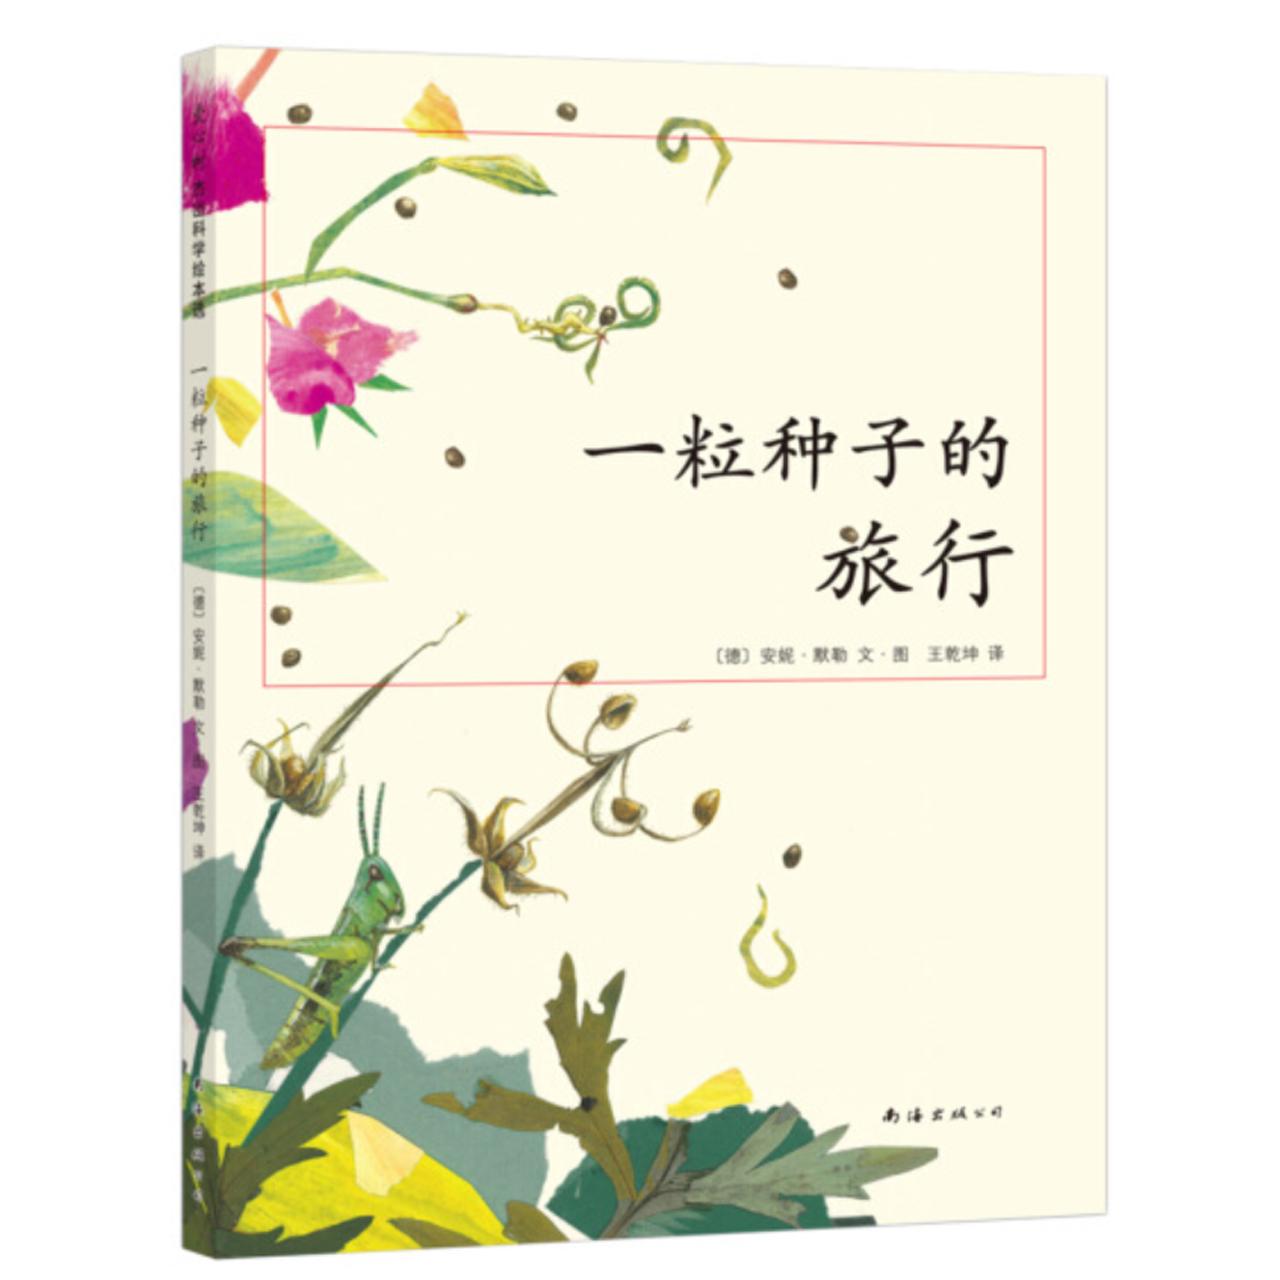 一粒种子的旅行【儿童绘本/翻译绘本/欧陆文学】